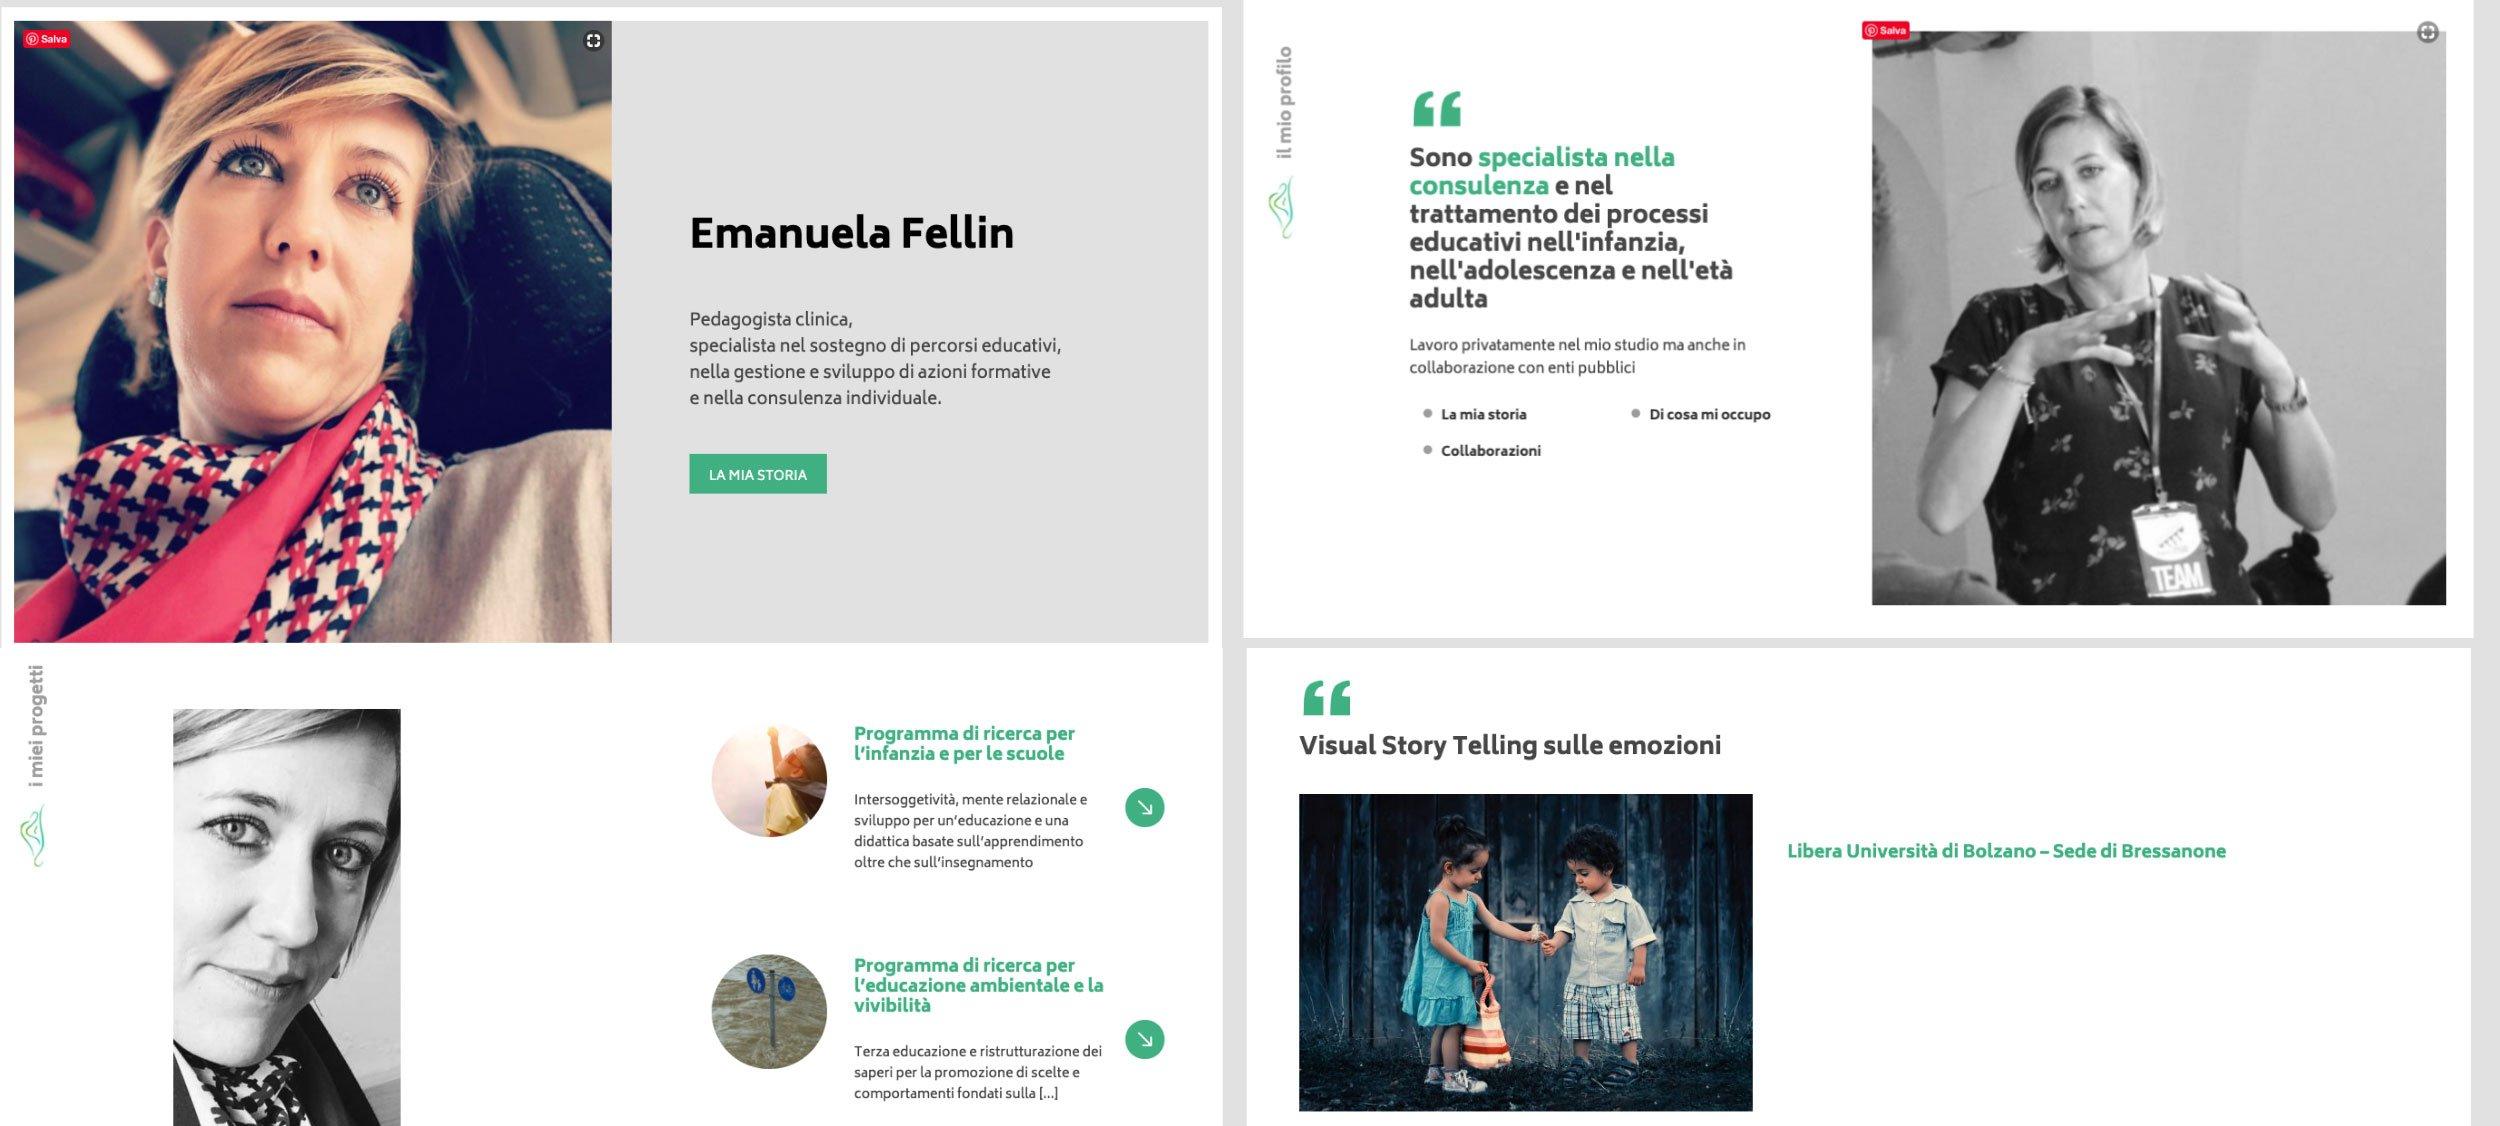 Sito per professionisti - Emanuela Fellin